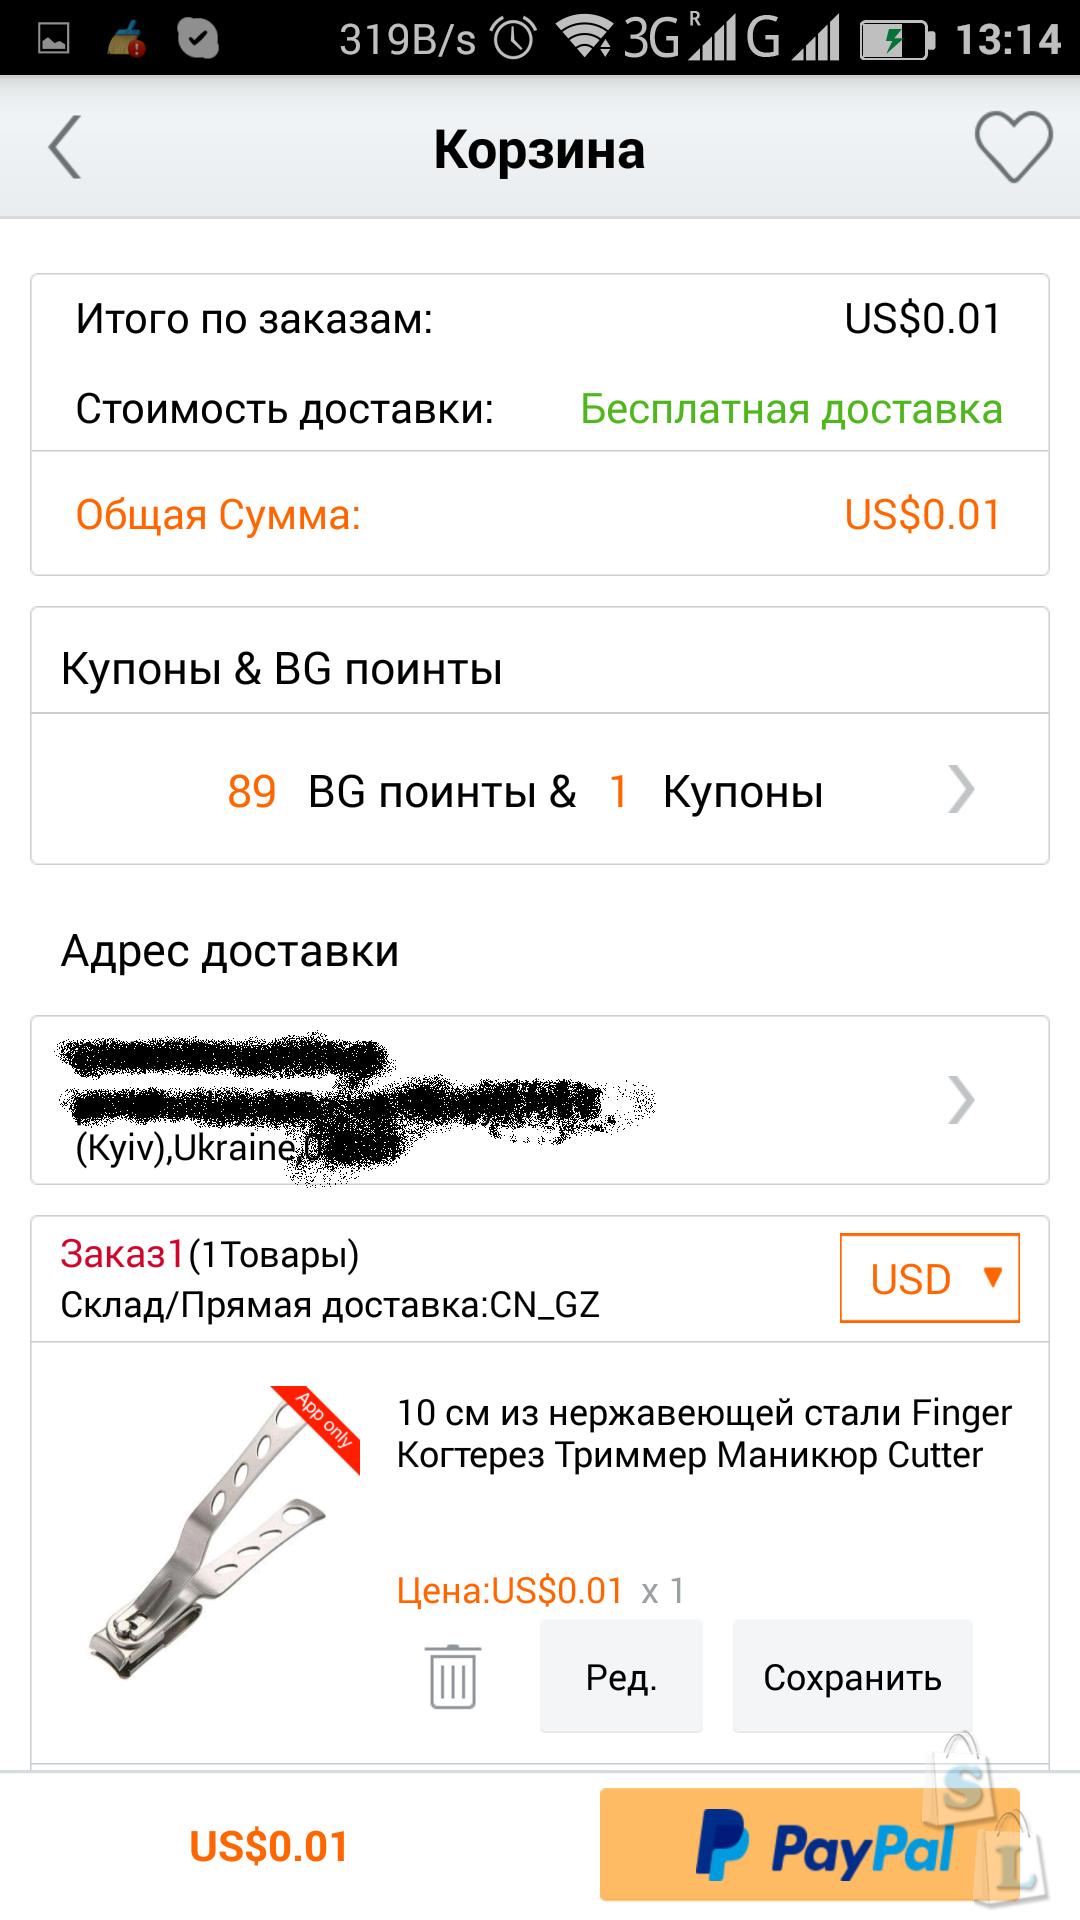 Обзор когтереза за 1 цент купленного из приложения Banggood